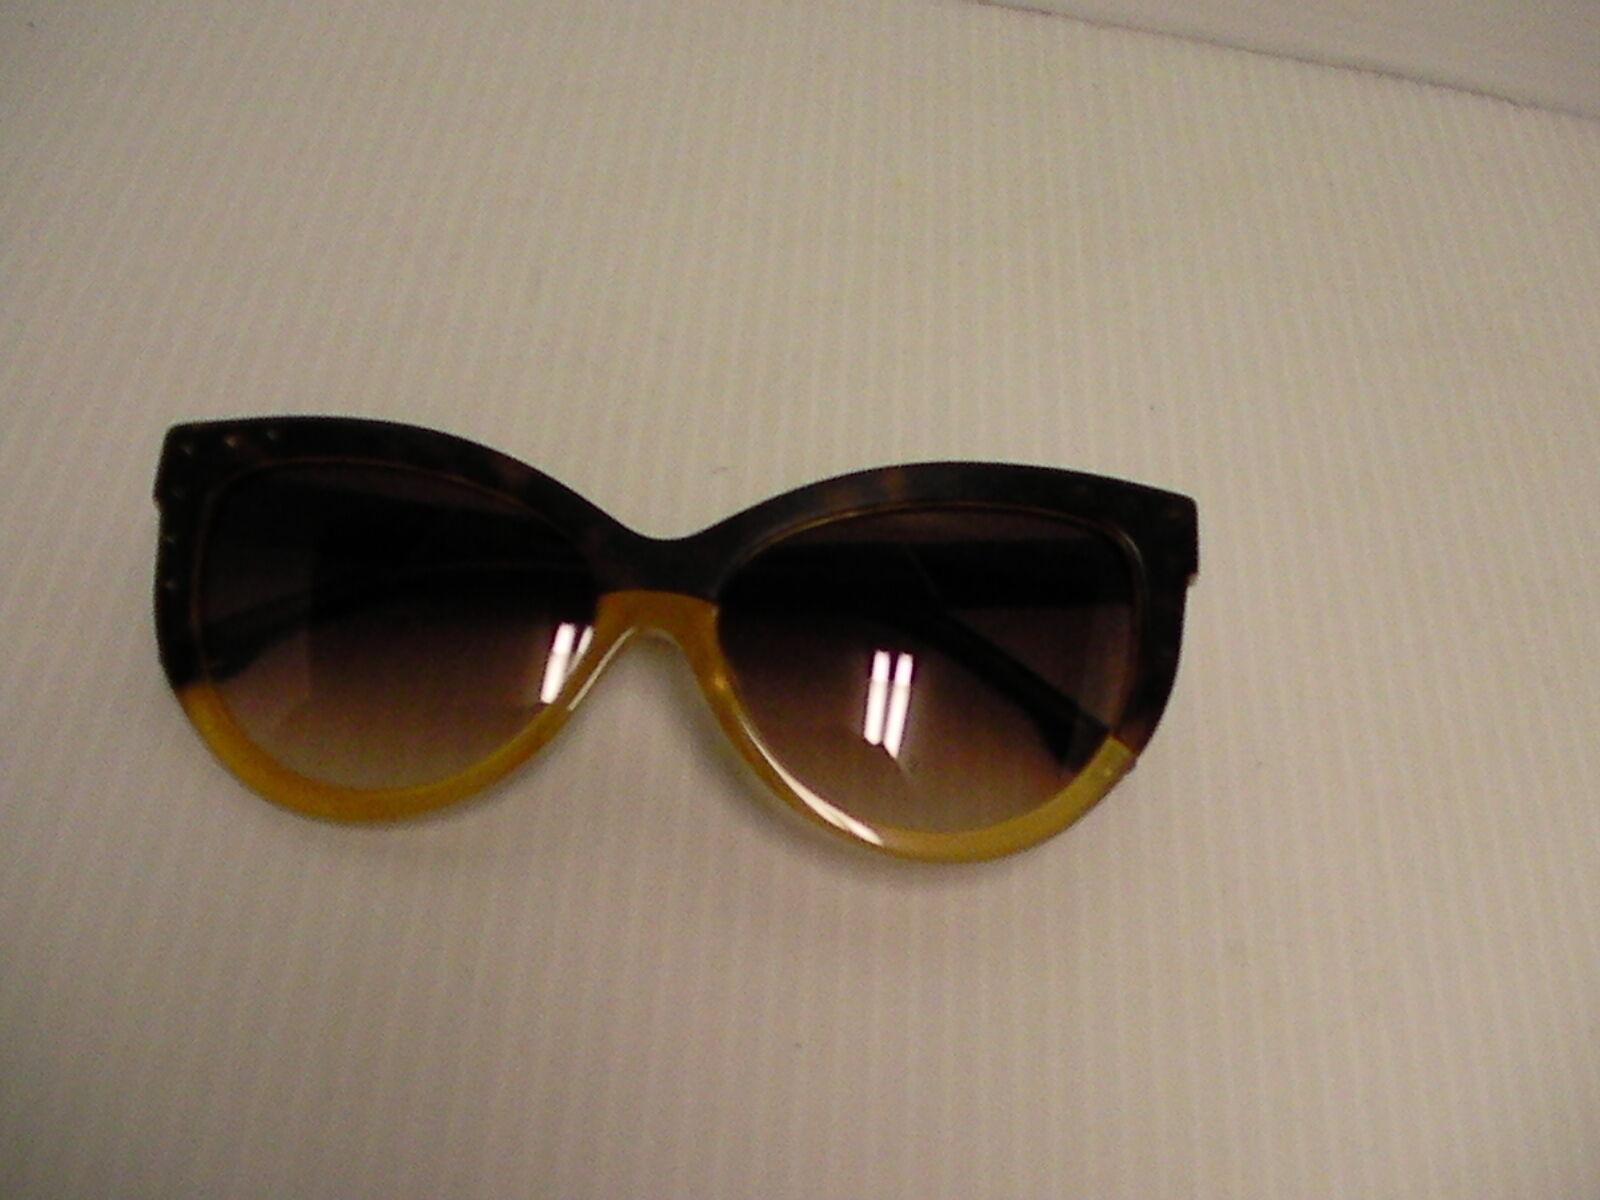 Diesel Damen Damen Damen Sonnenbrille Dl0051 Braun (39n) Cat Eye Jeansstoff 56mm With     | Billig  | Stil  | Elegant Und Würdevoll  64ffb8